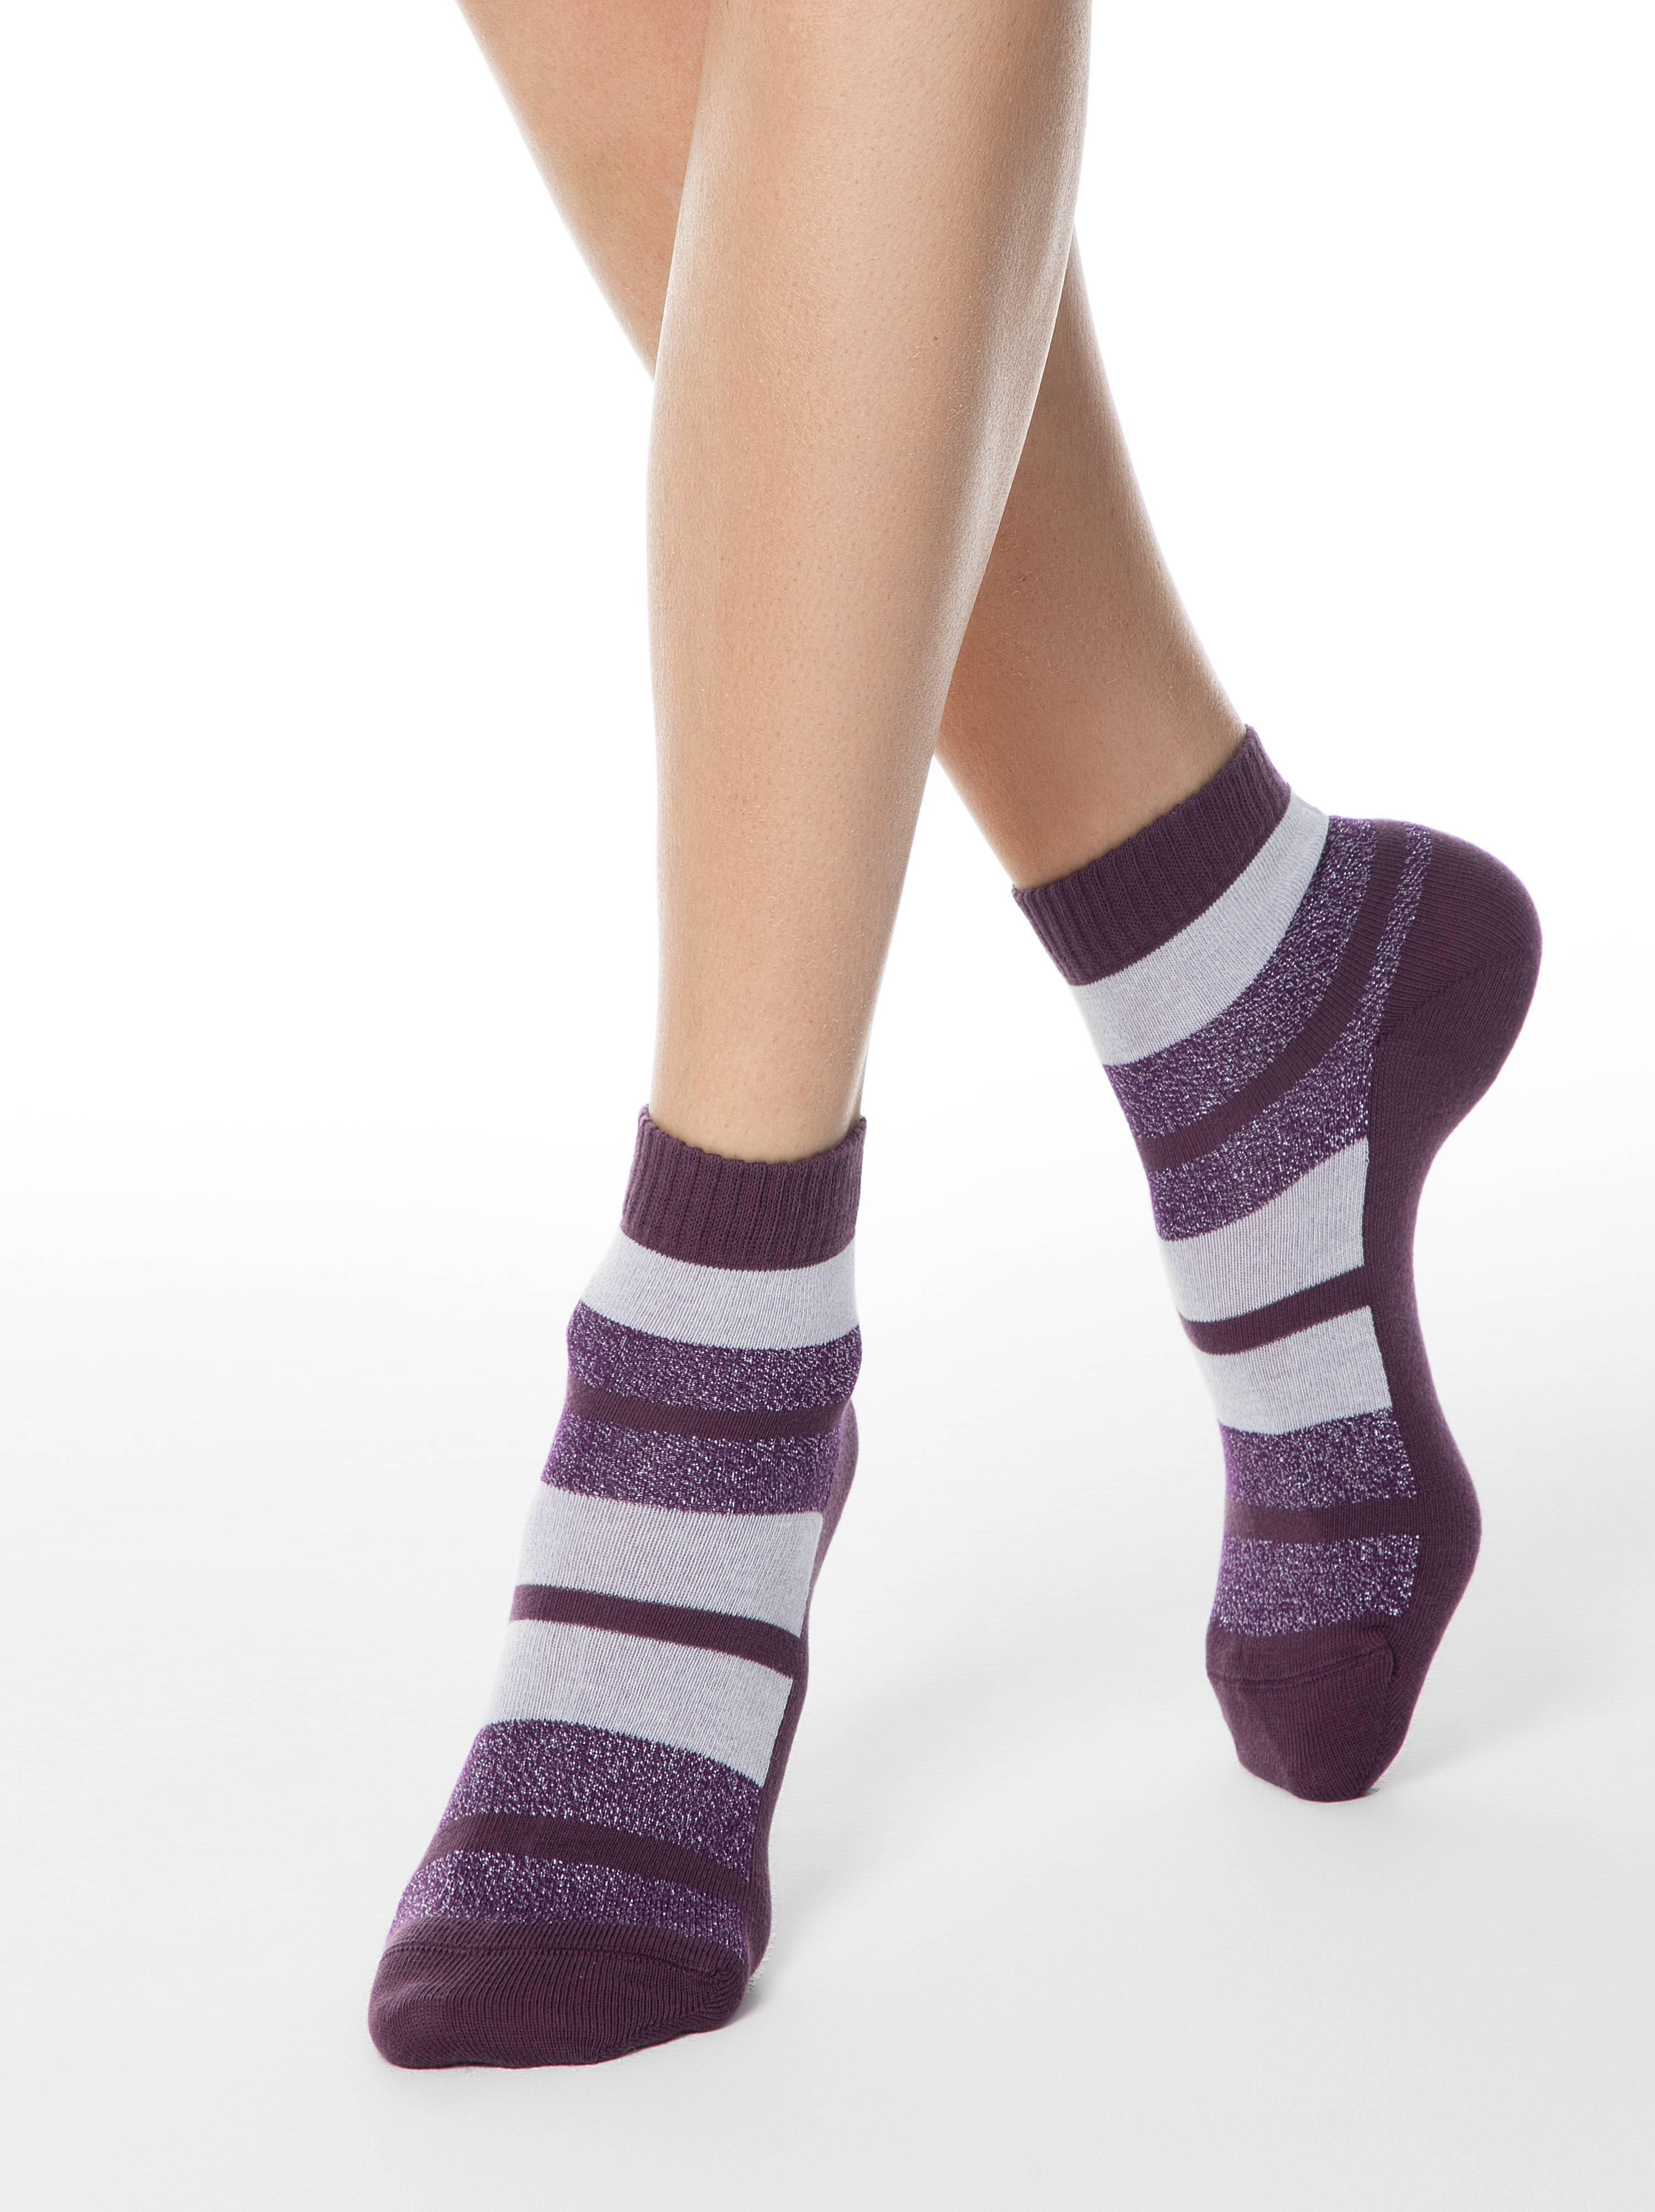 Хлопковые носки с люрексом CLASSIC фото